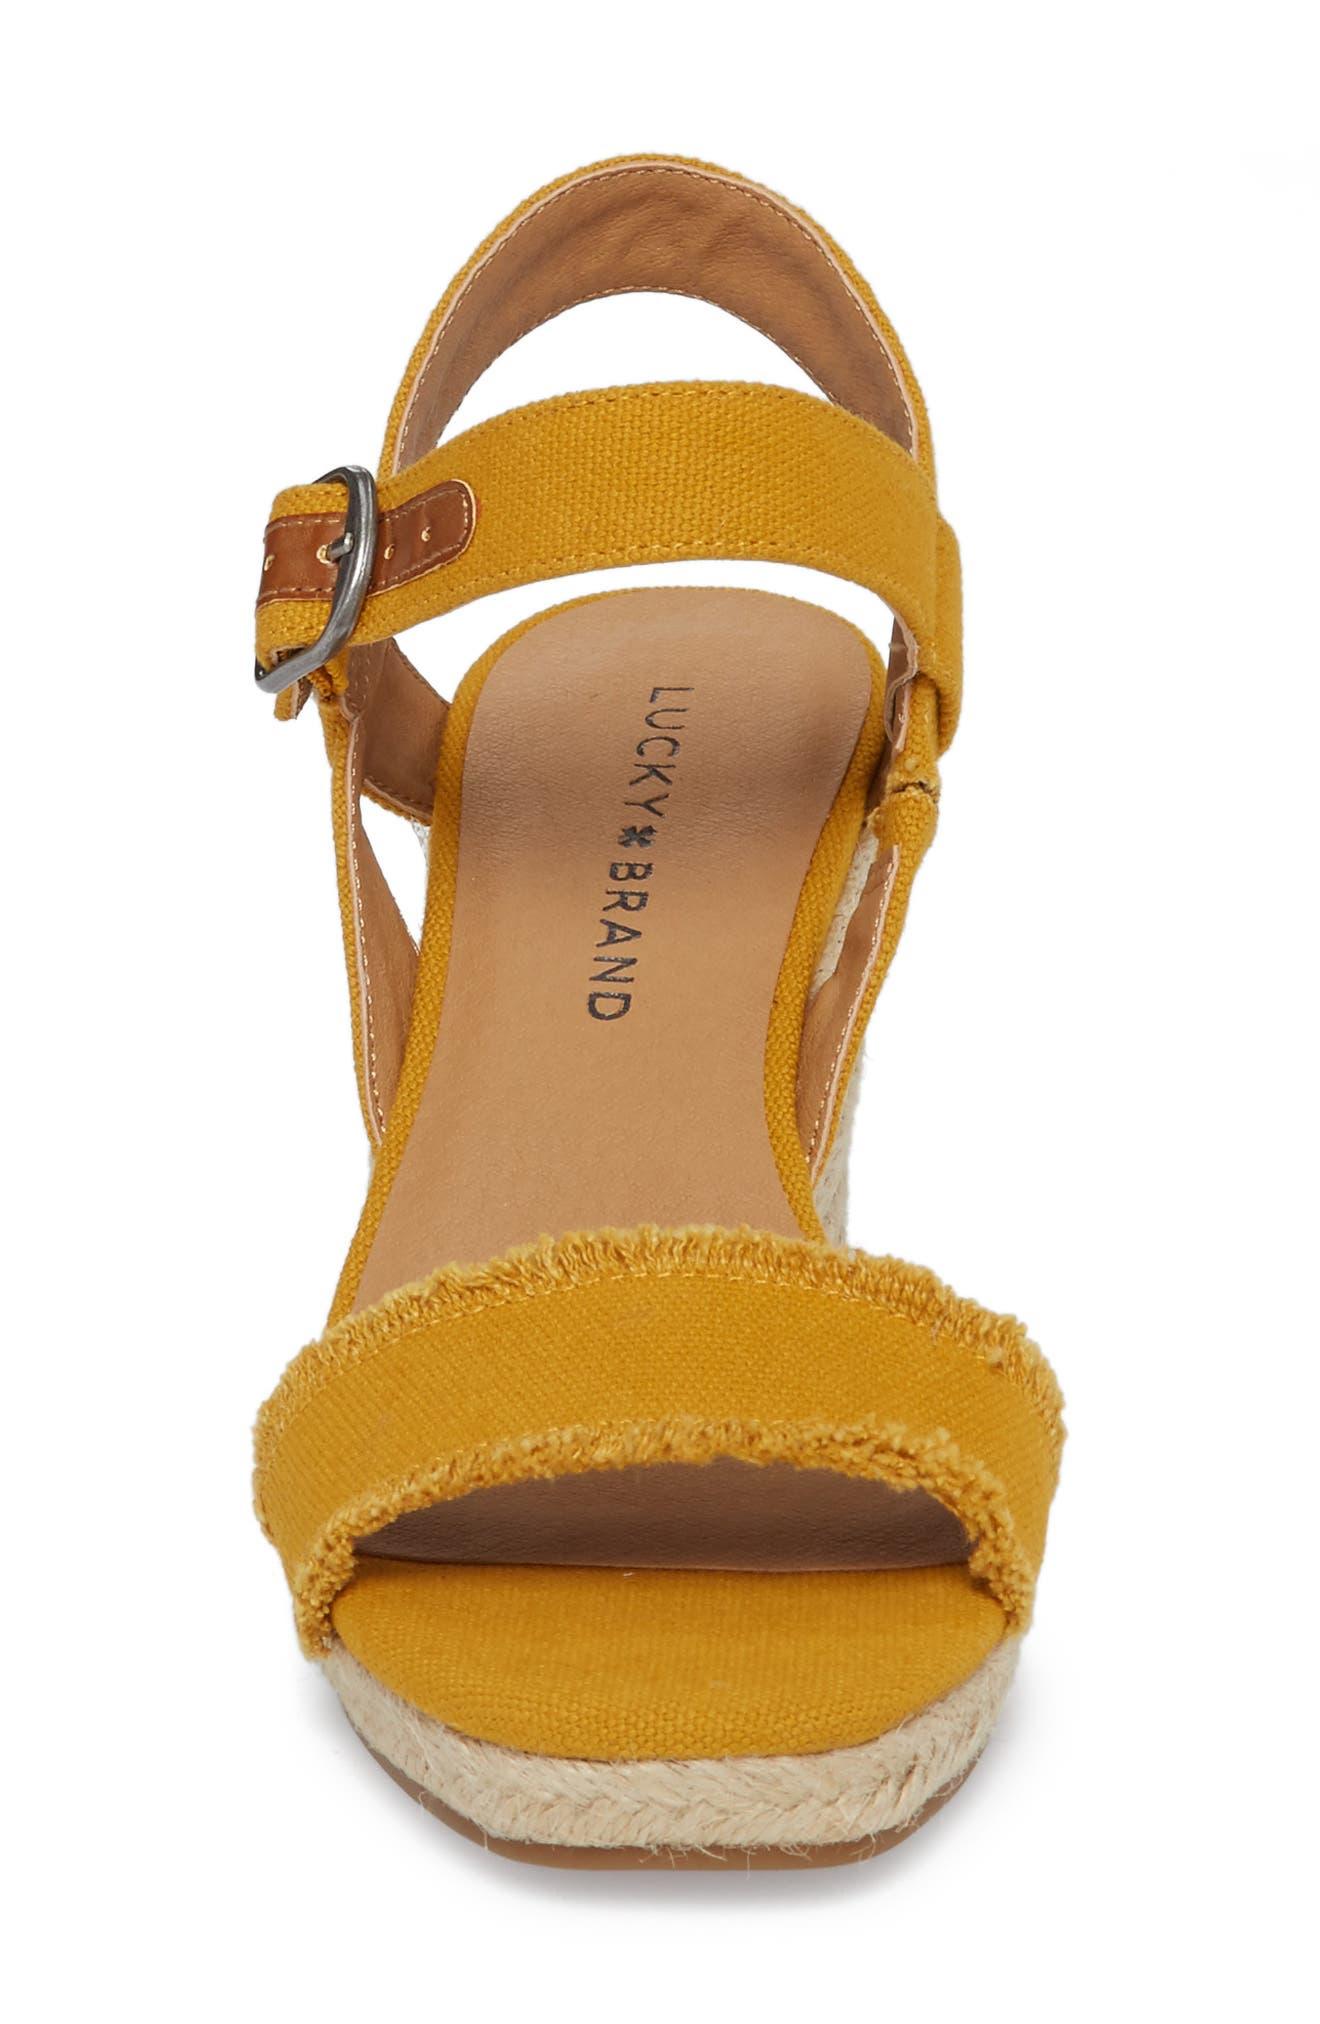 Marceline Squared Toe Wedge Sandal,                             Alternate thumbnail 27, color,